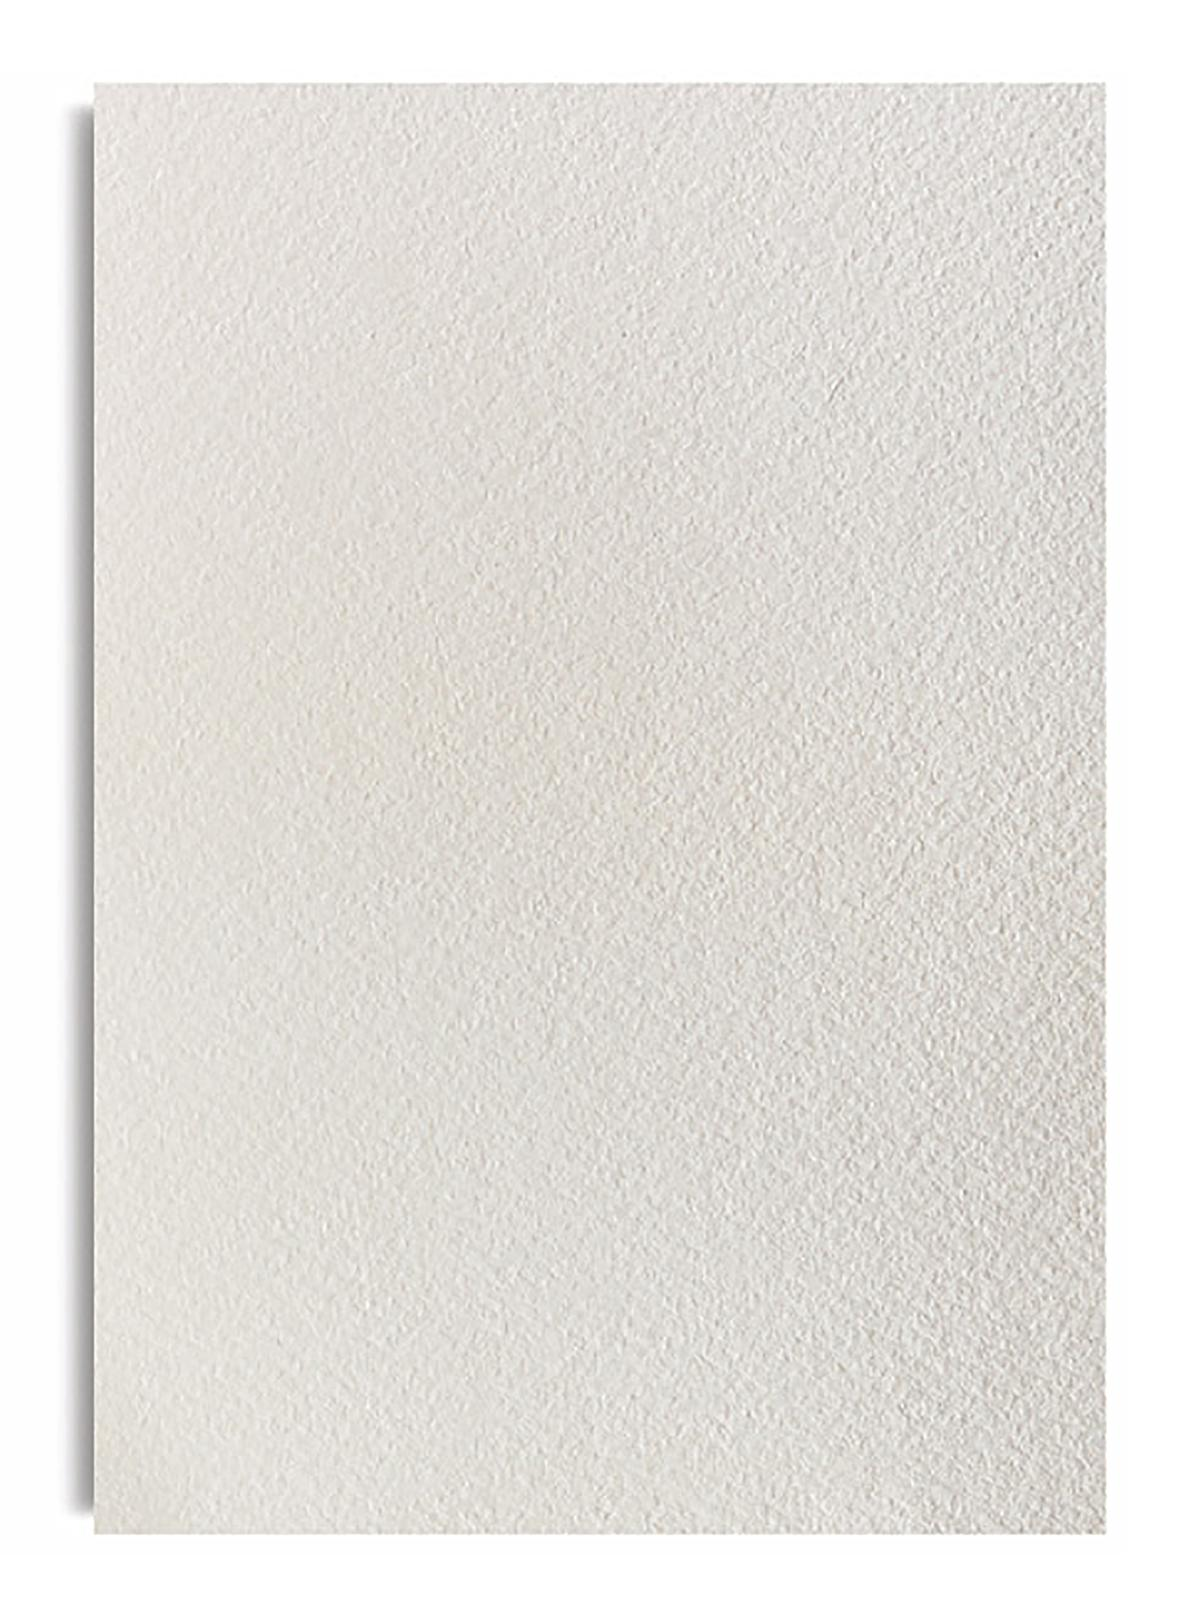 Lanaquarelle Watercolor Paper